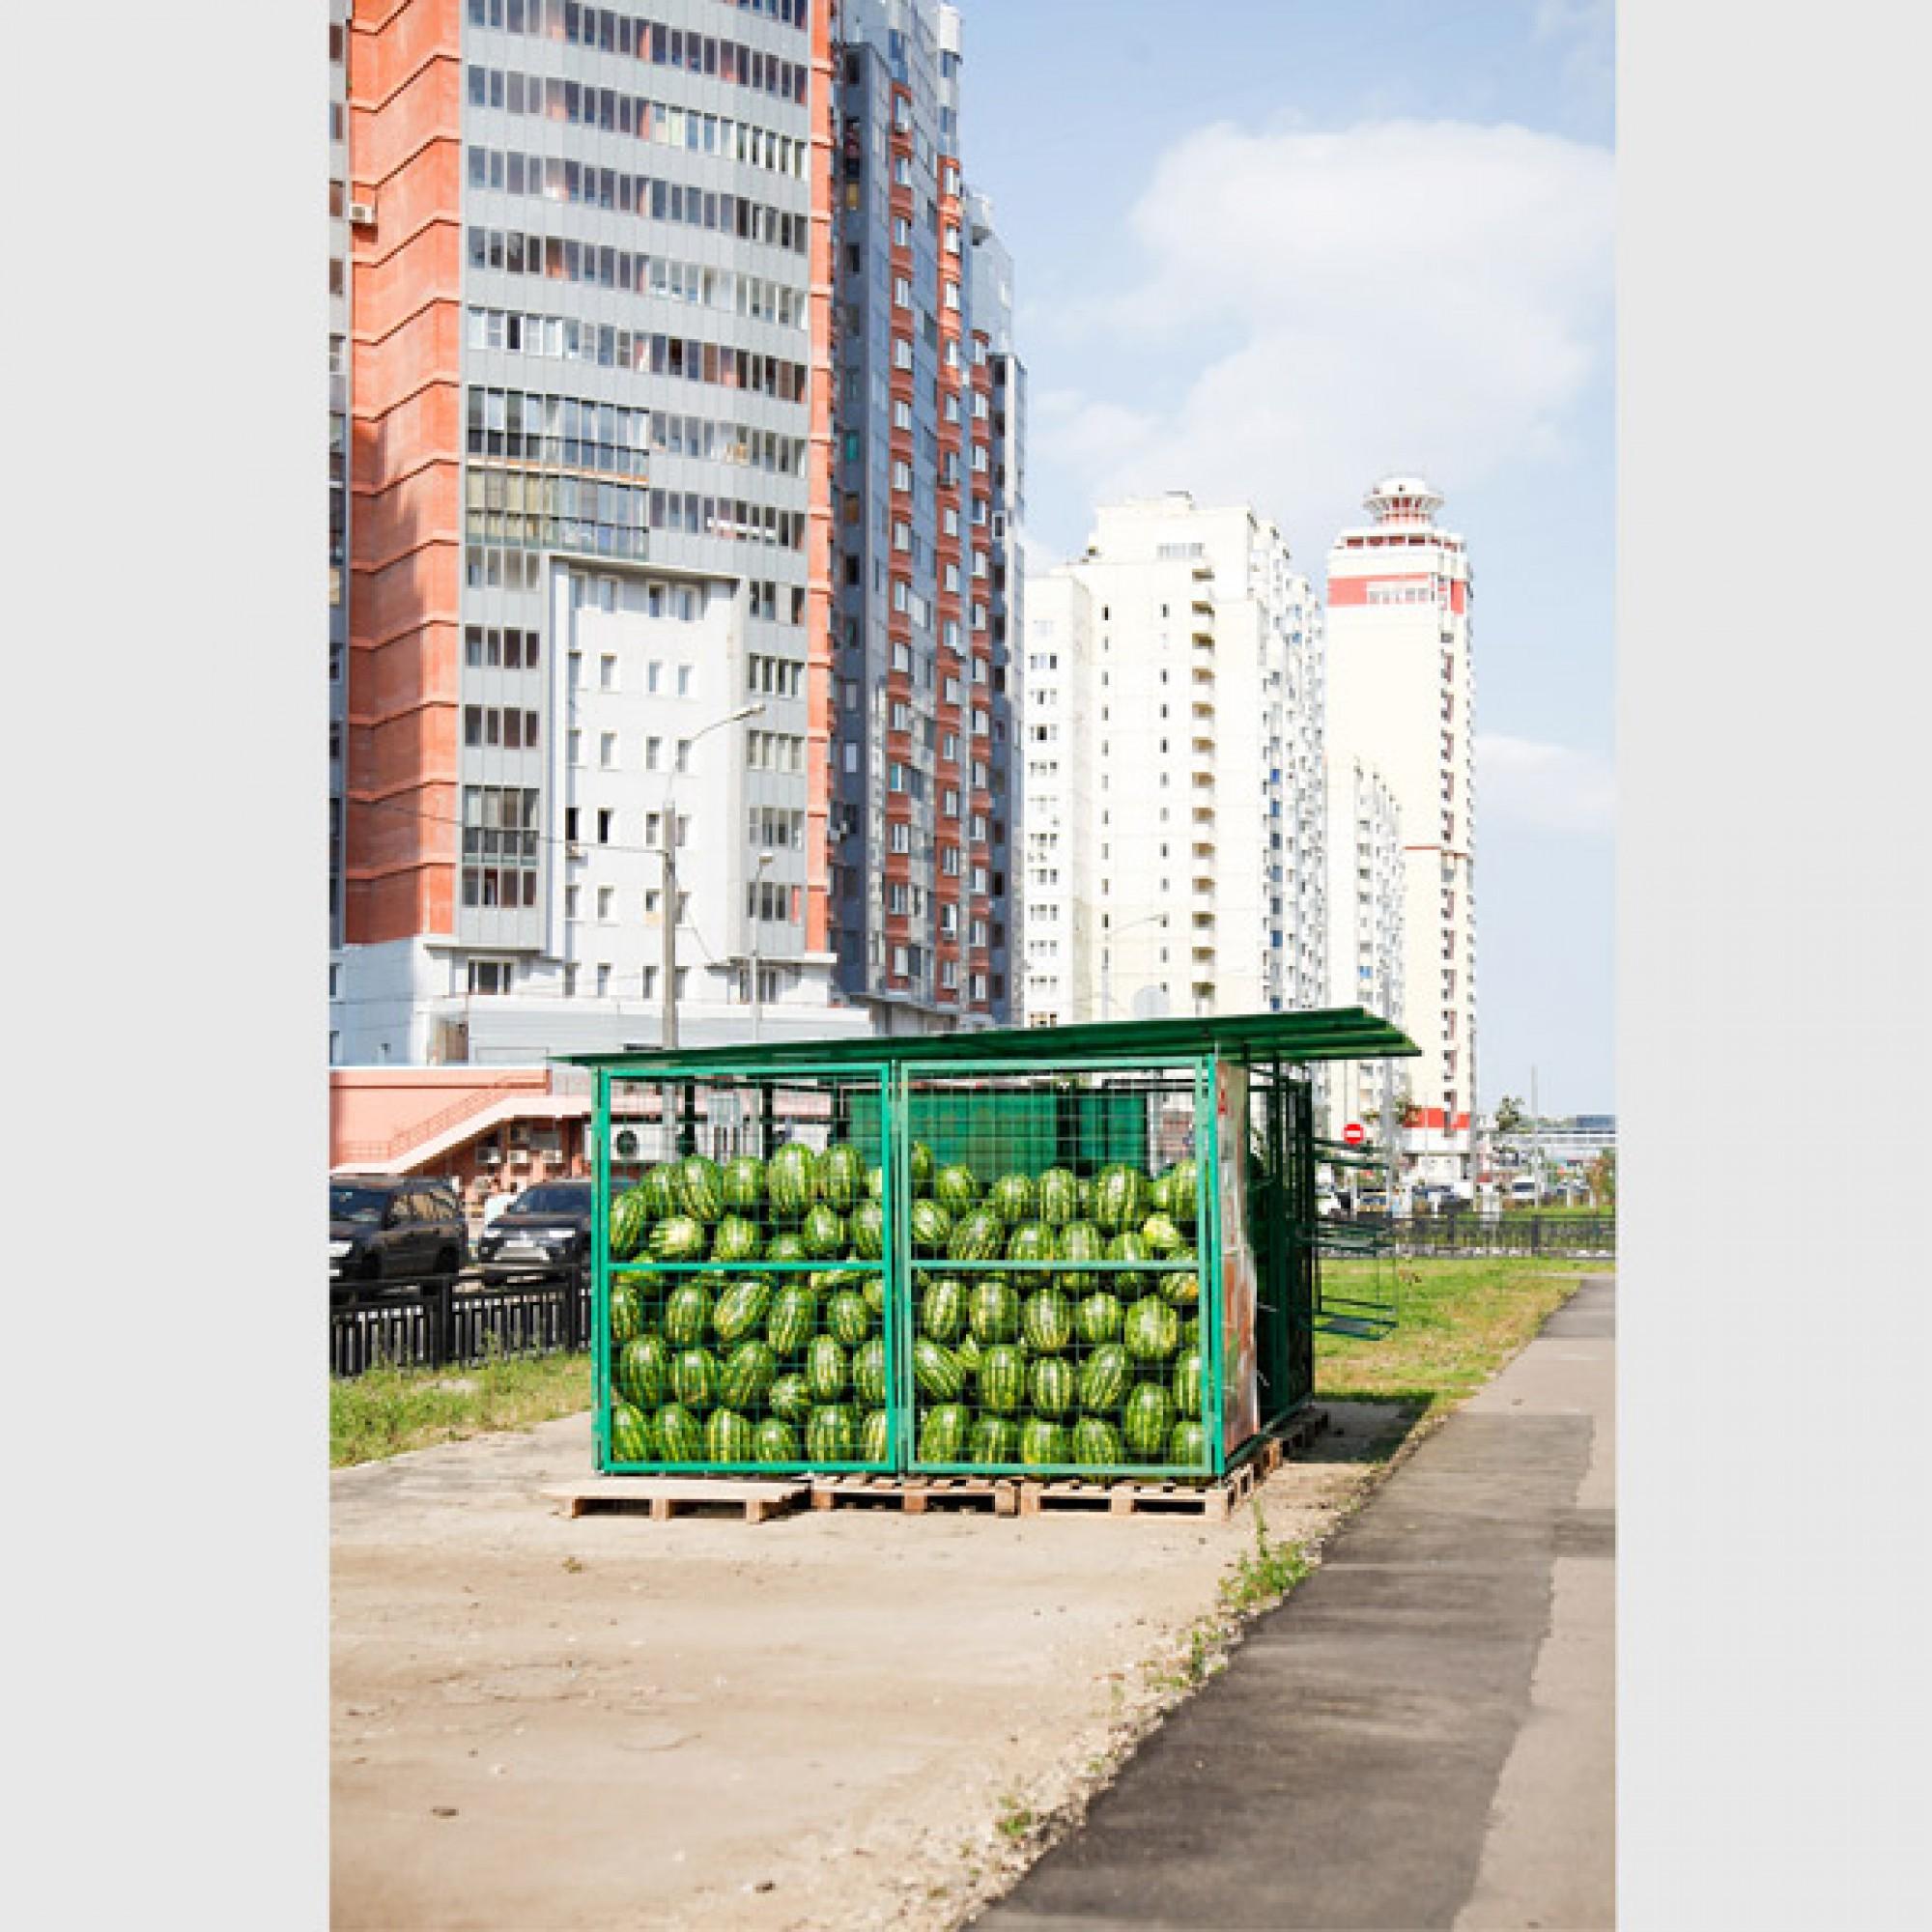 ....ein Melonenlager vor Wohnsilos... (Sandra Ratkovic)